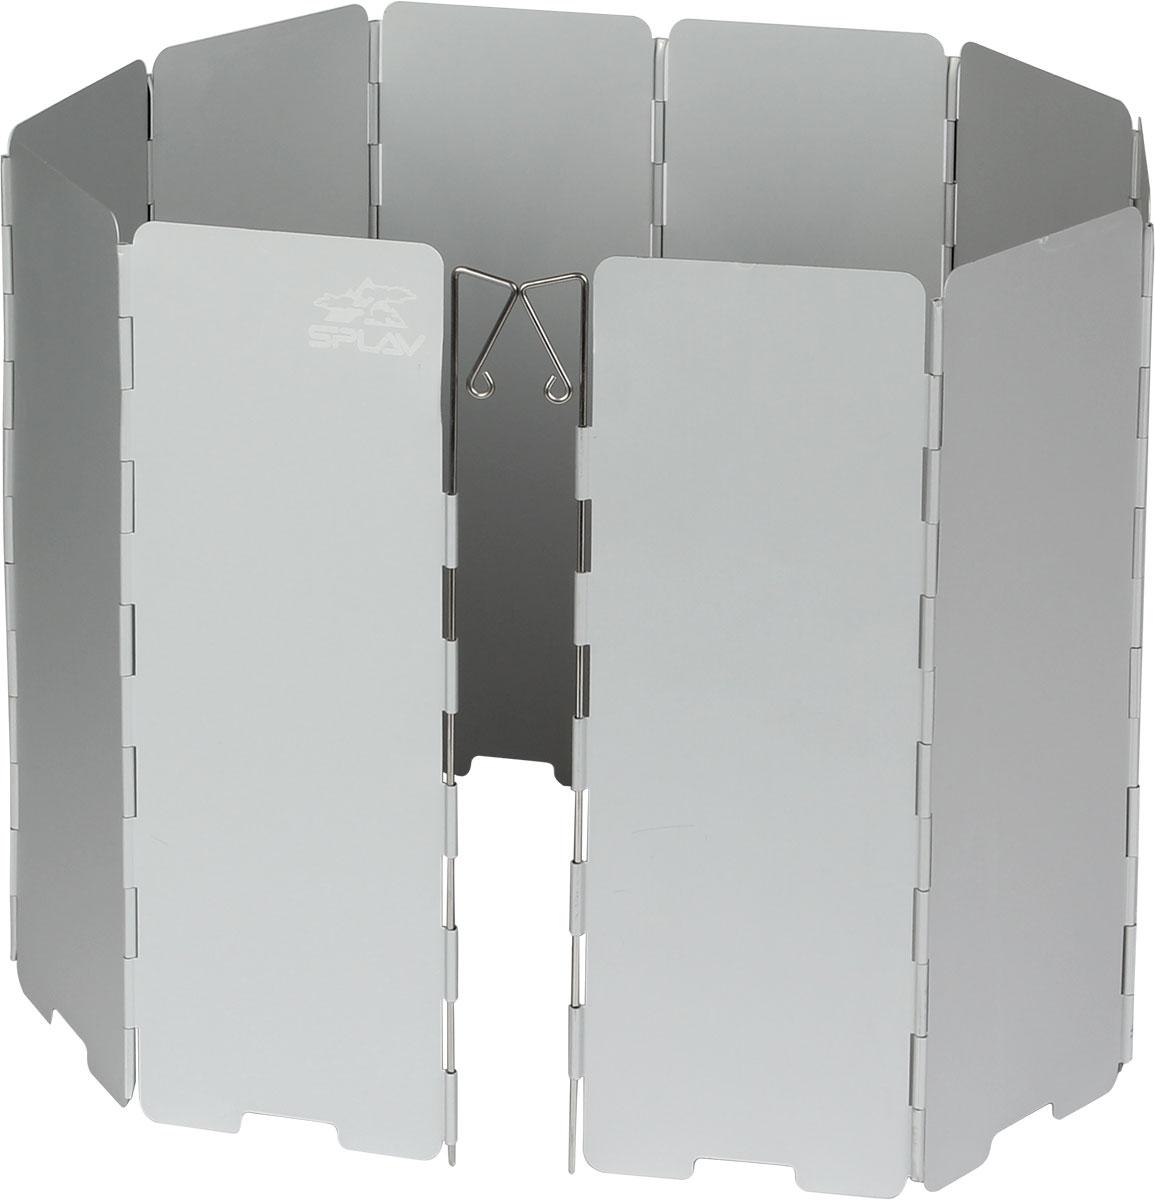 Ветрозащитный экран Сплав33233Компактный защитный экран от ветраСохраняет тепло пламениСпособствует экономии топливаУскоряет время приготовления пищи10 секций845 х 240 ммВес с чехлом: 291 гВес без чехла: 260 г